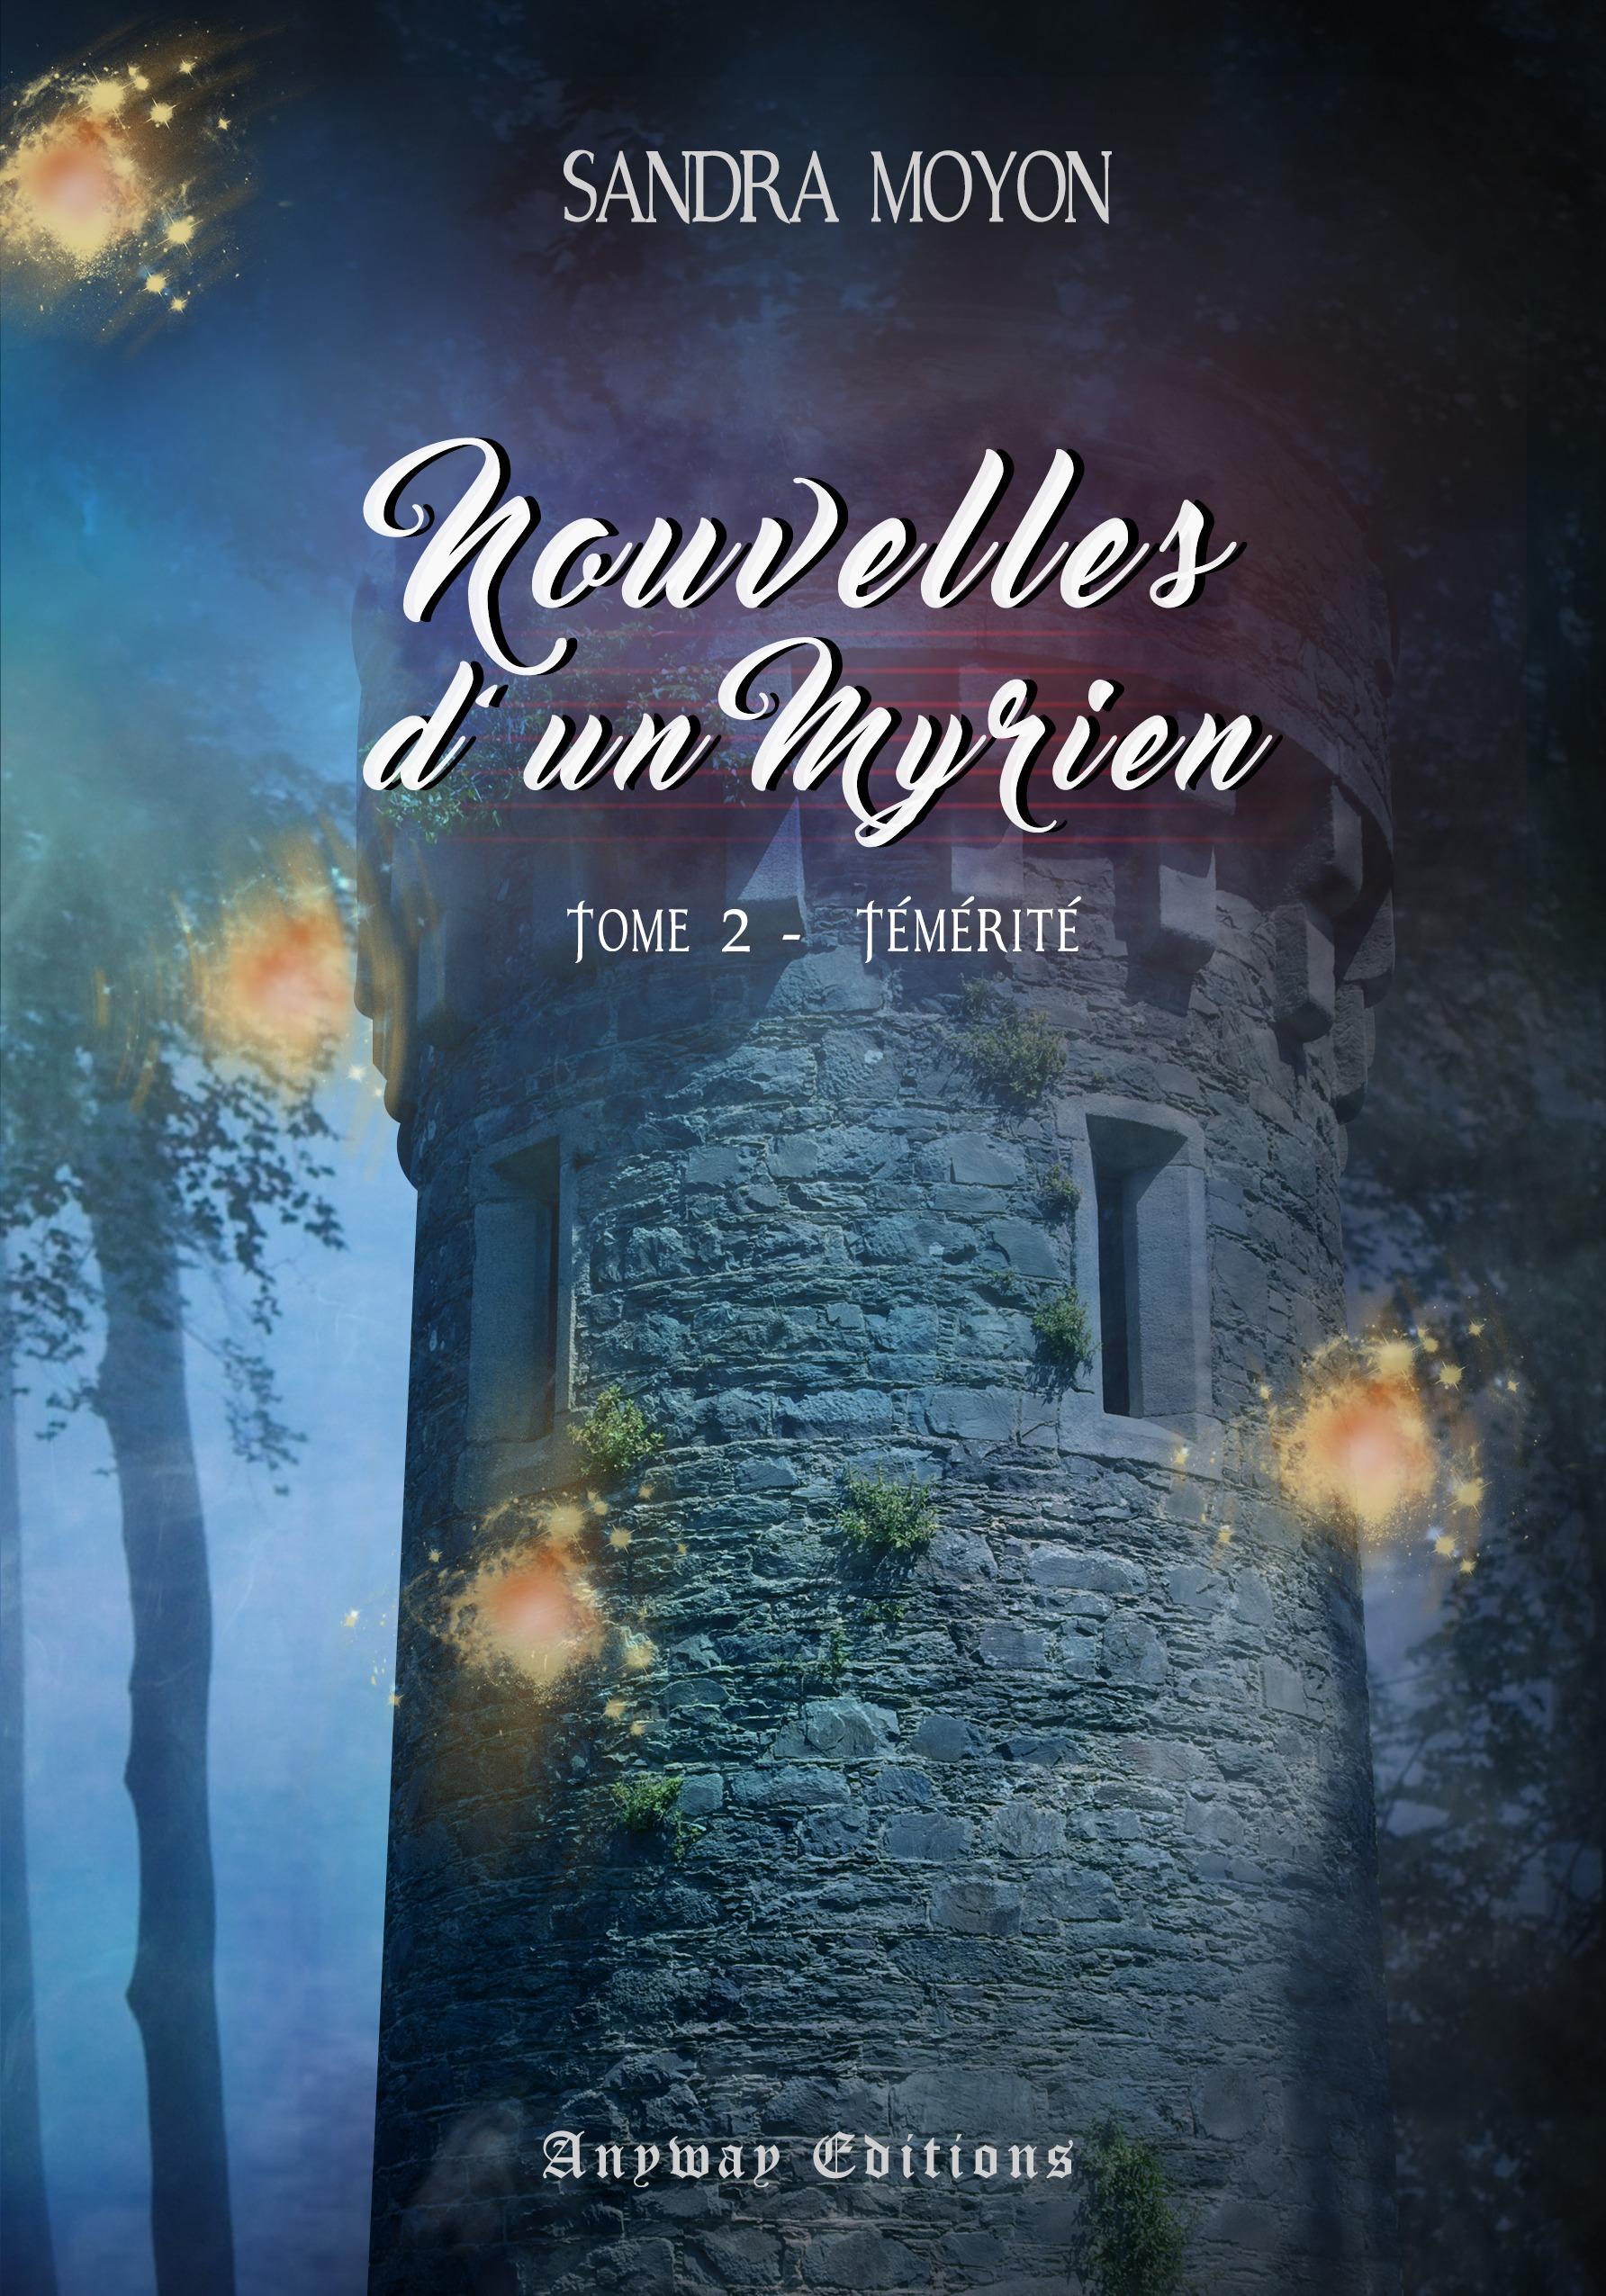 Témérité, NOUVELLES D'UN MYRIEN, TOME 2